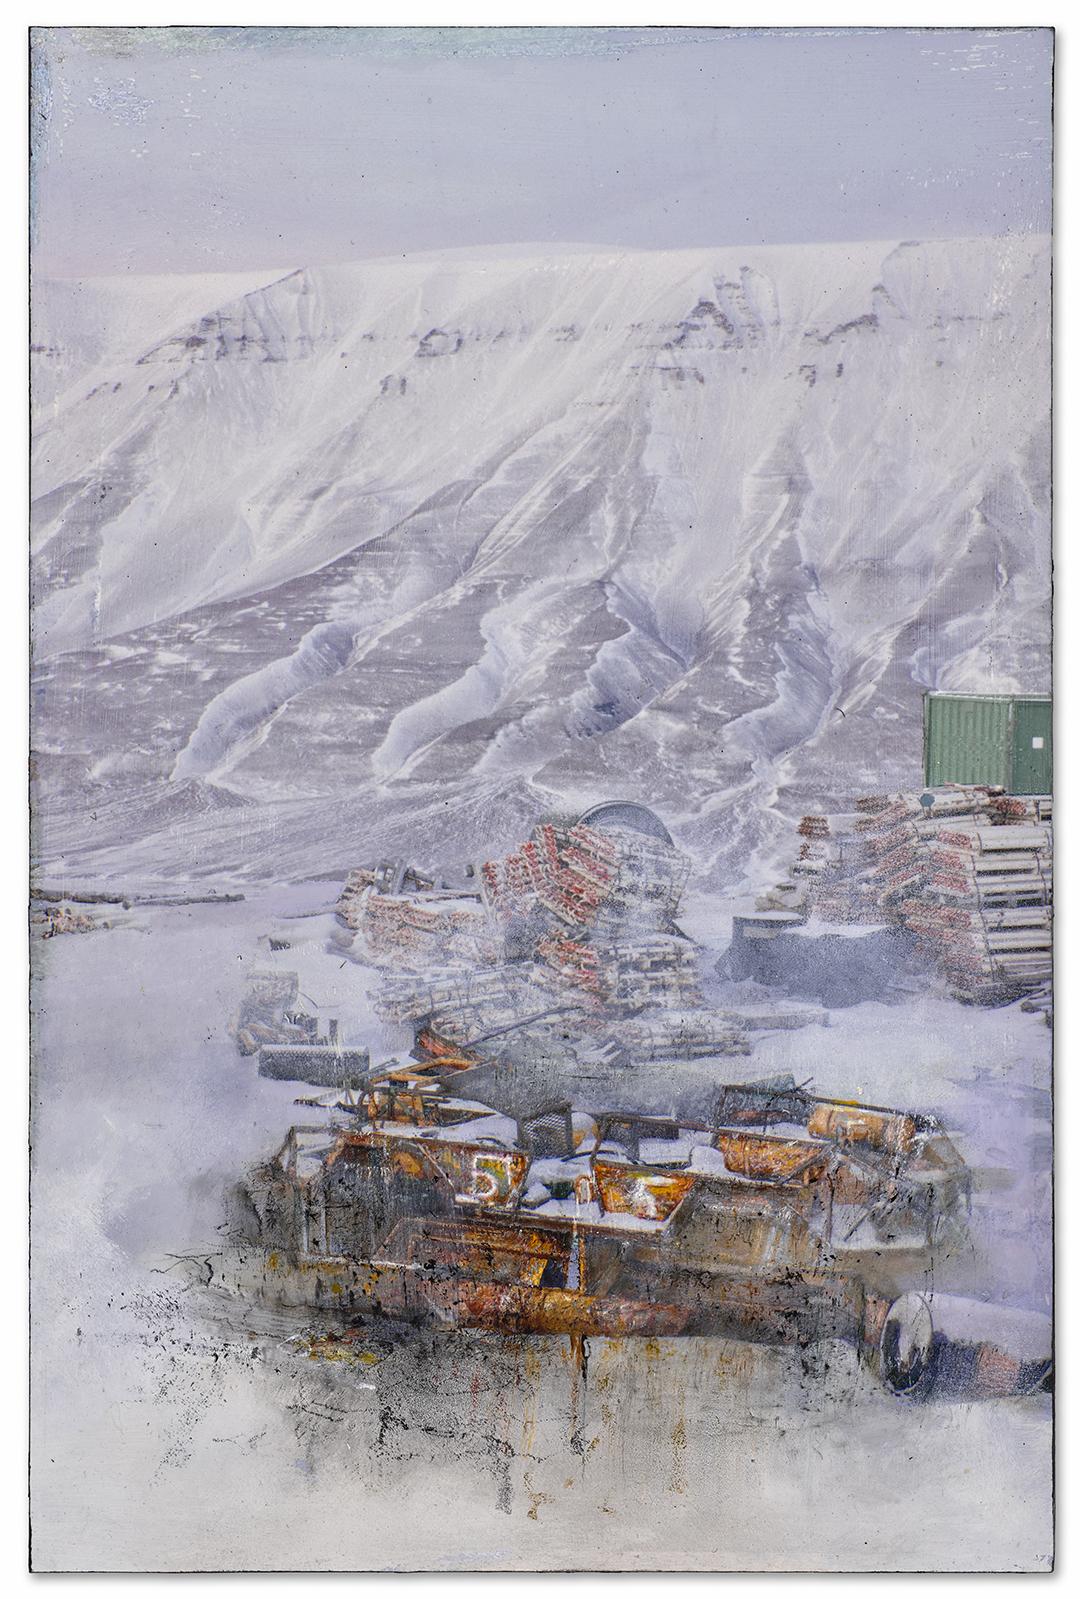 Store Norske, Mine #7,<br>Longyearbyen (Pym II)